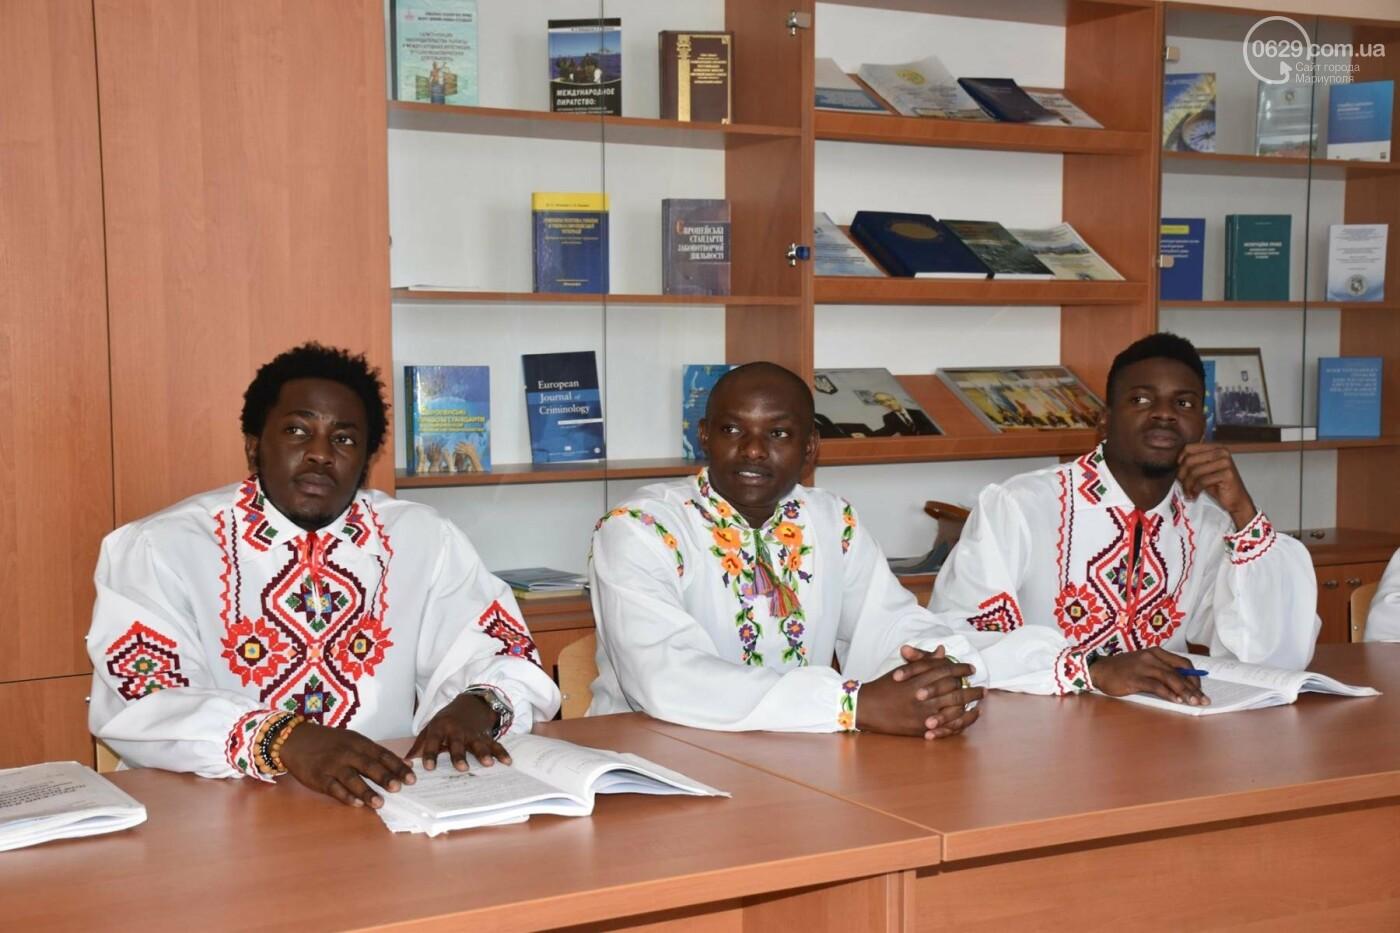 Студенты из Гвинеи и Камеруна отпраздновали окончание подготовительного отделения МГУ,- ФОТО, фото-4